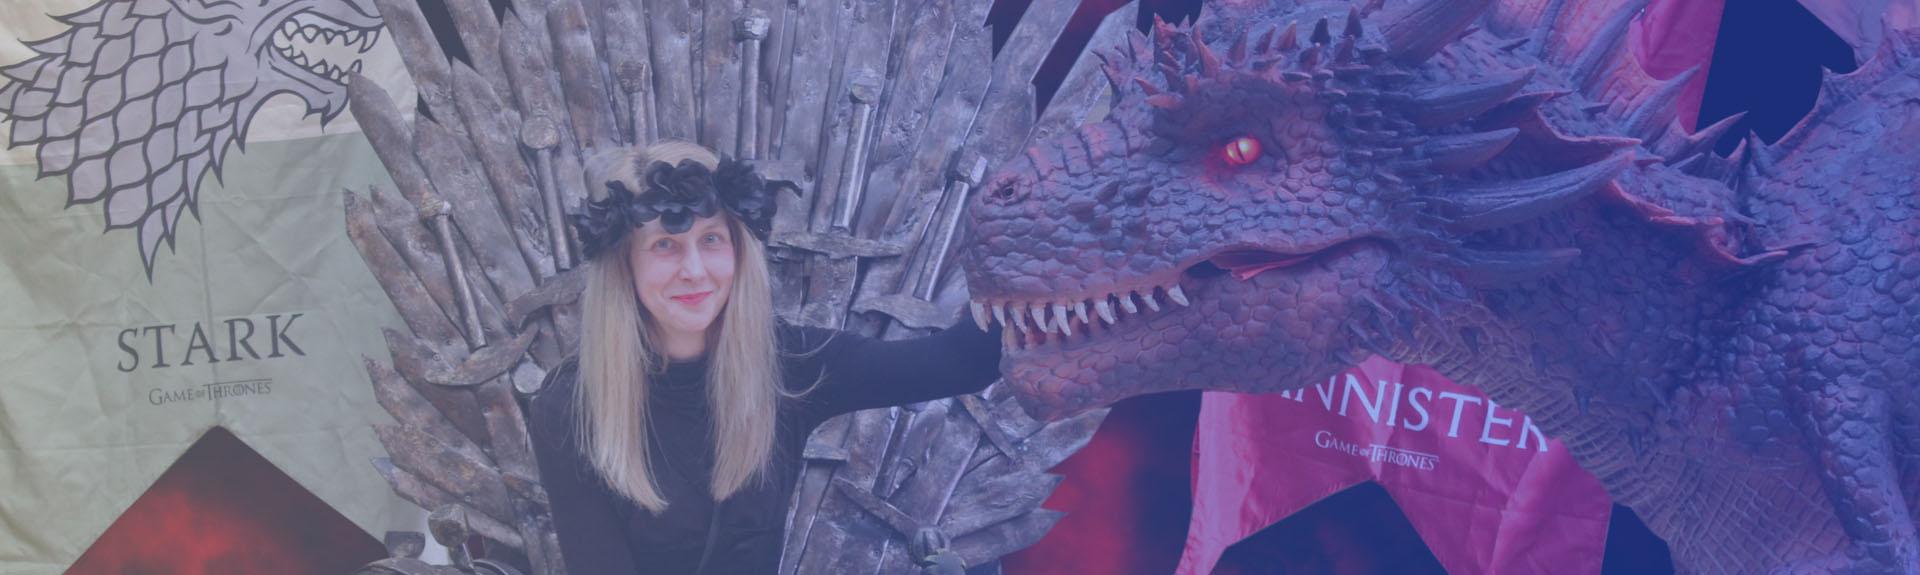 Dragon Costume for Comic Con Banner